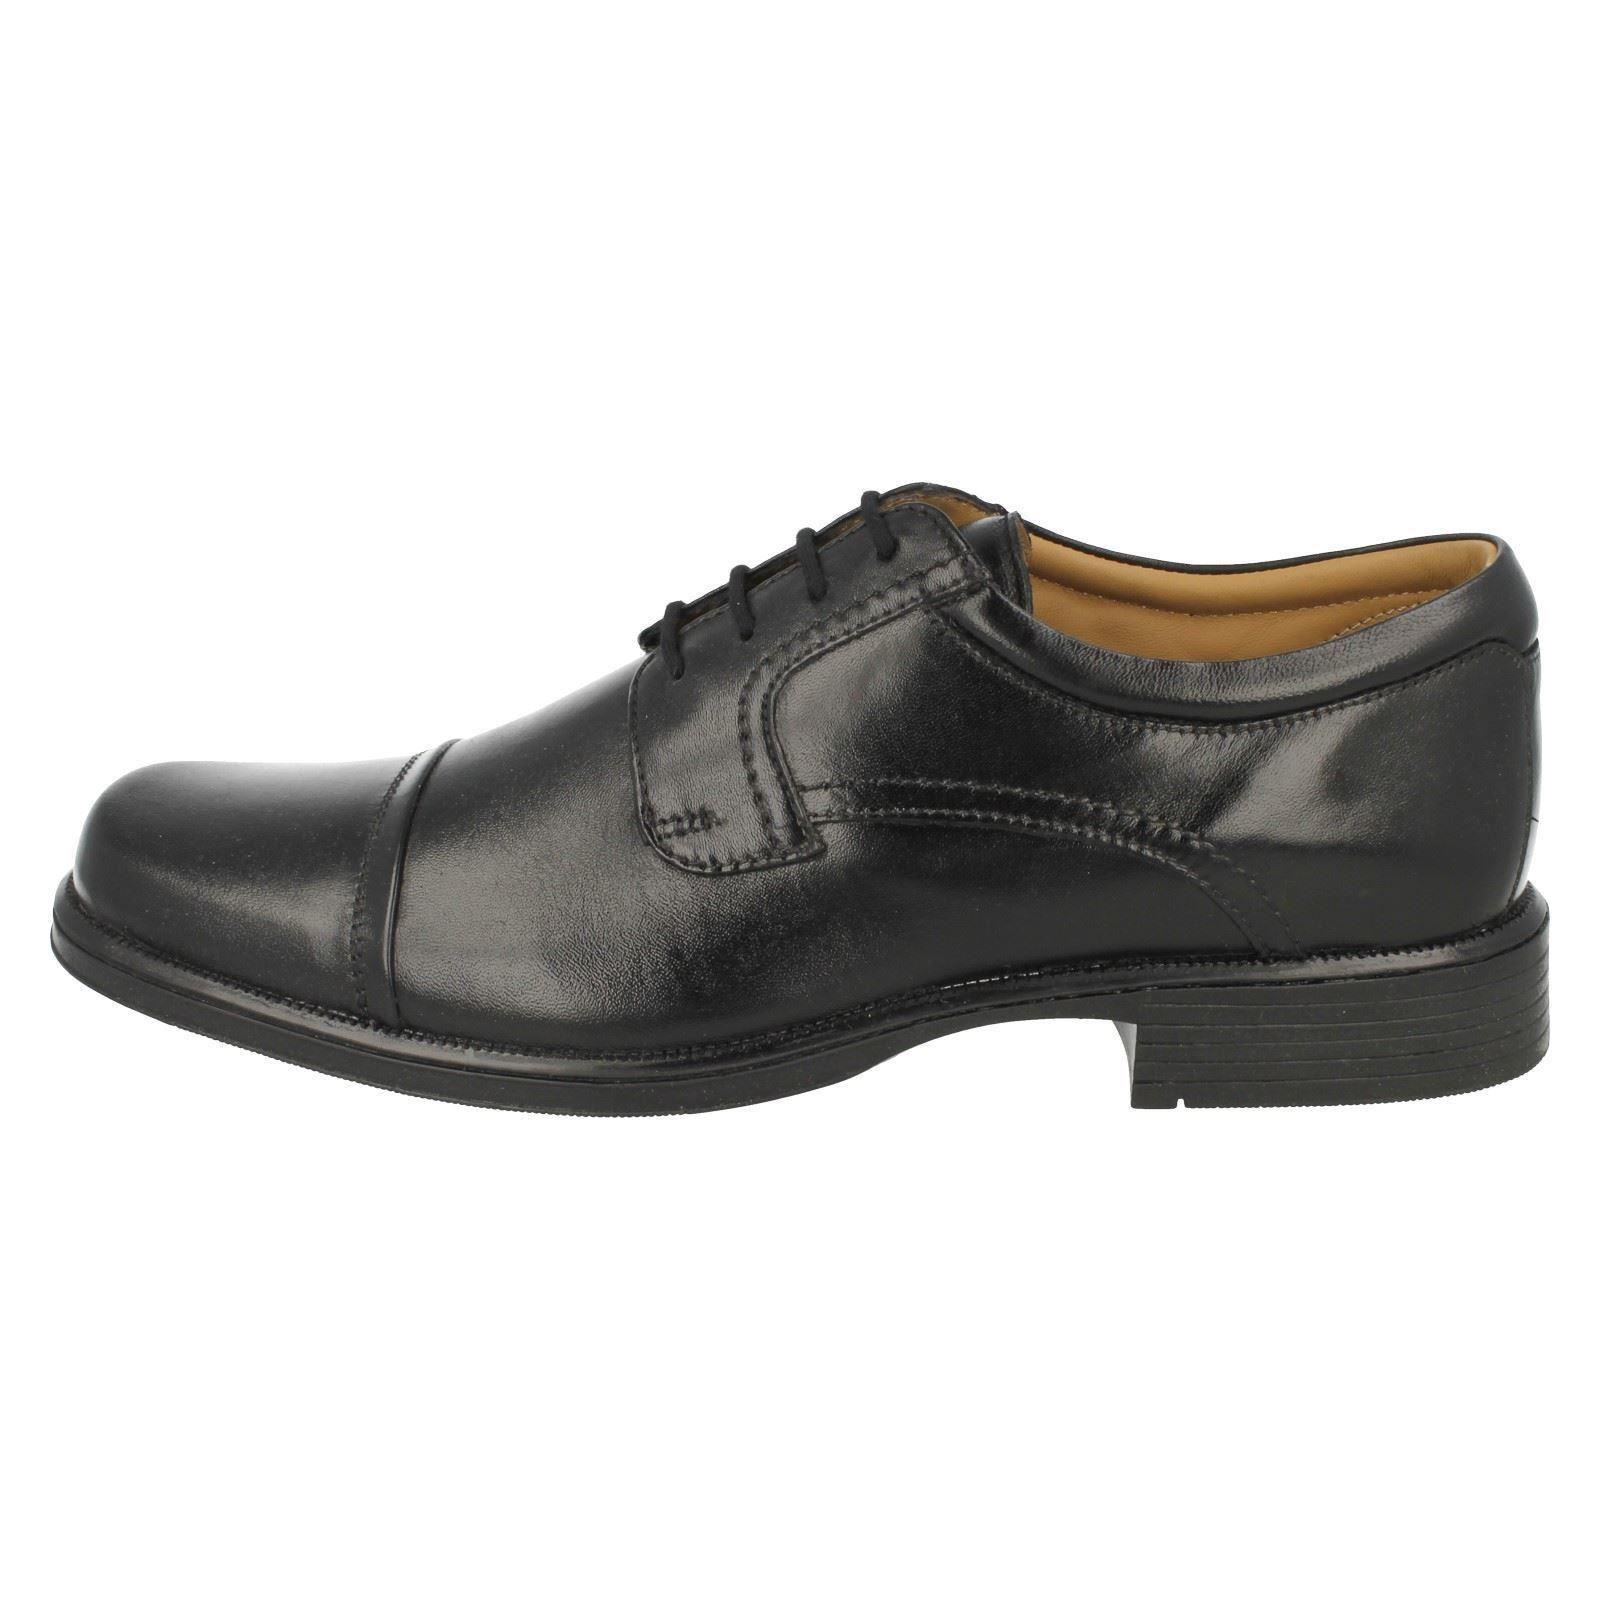 Clarks Formal Zapatos Con Cordones Para hombre Gancho Cap'